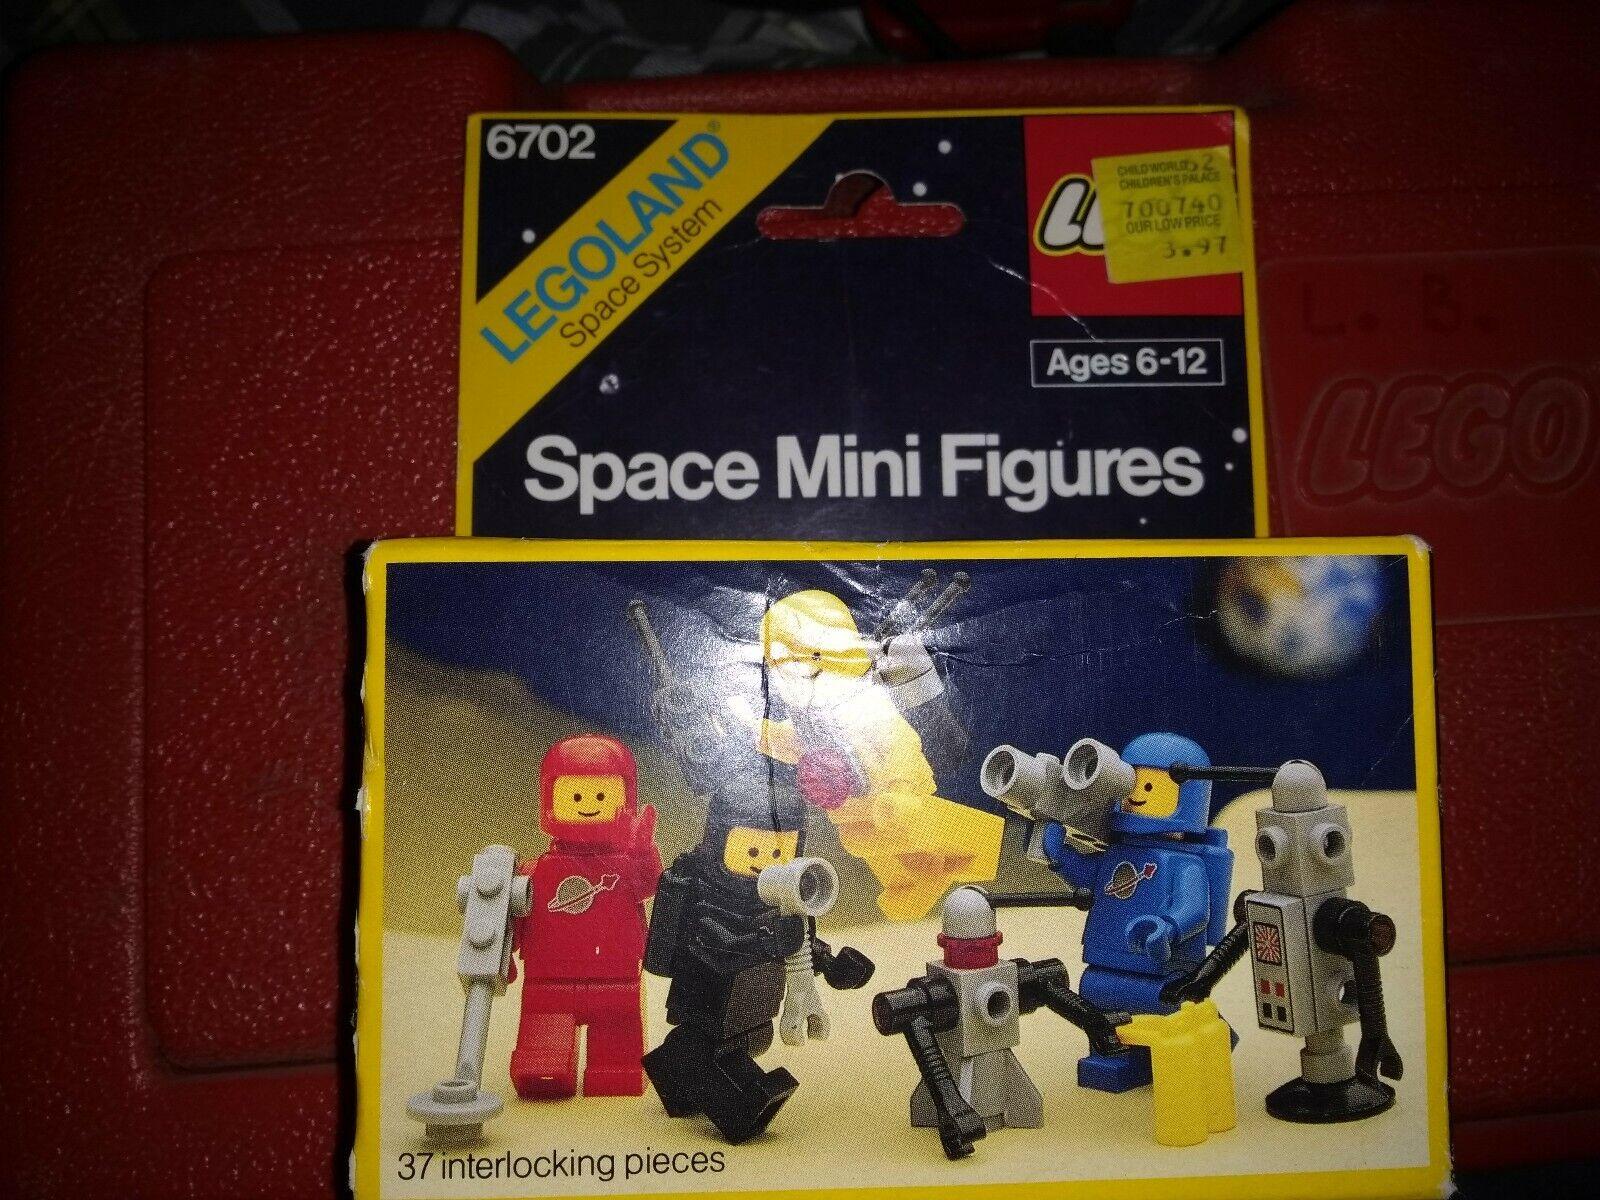 Lego Legoland Retro Clásico espacio espacio de 6702 Mini Figuras 1986 Con Bonus